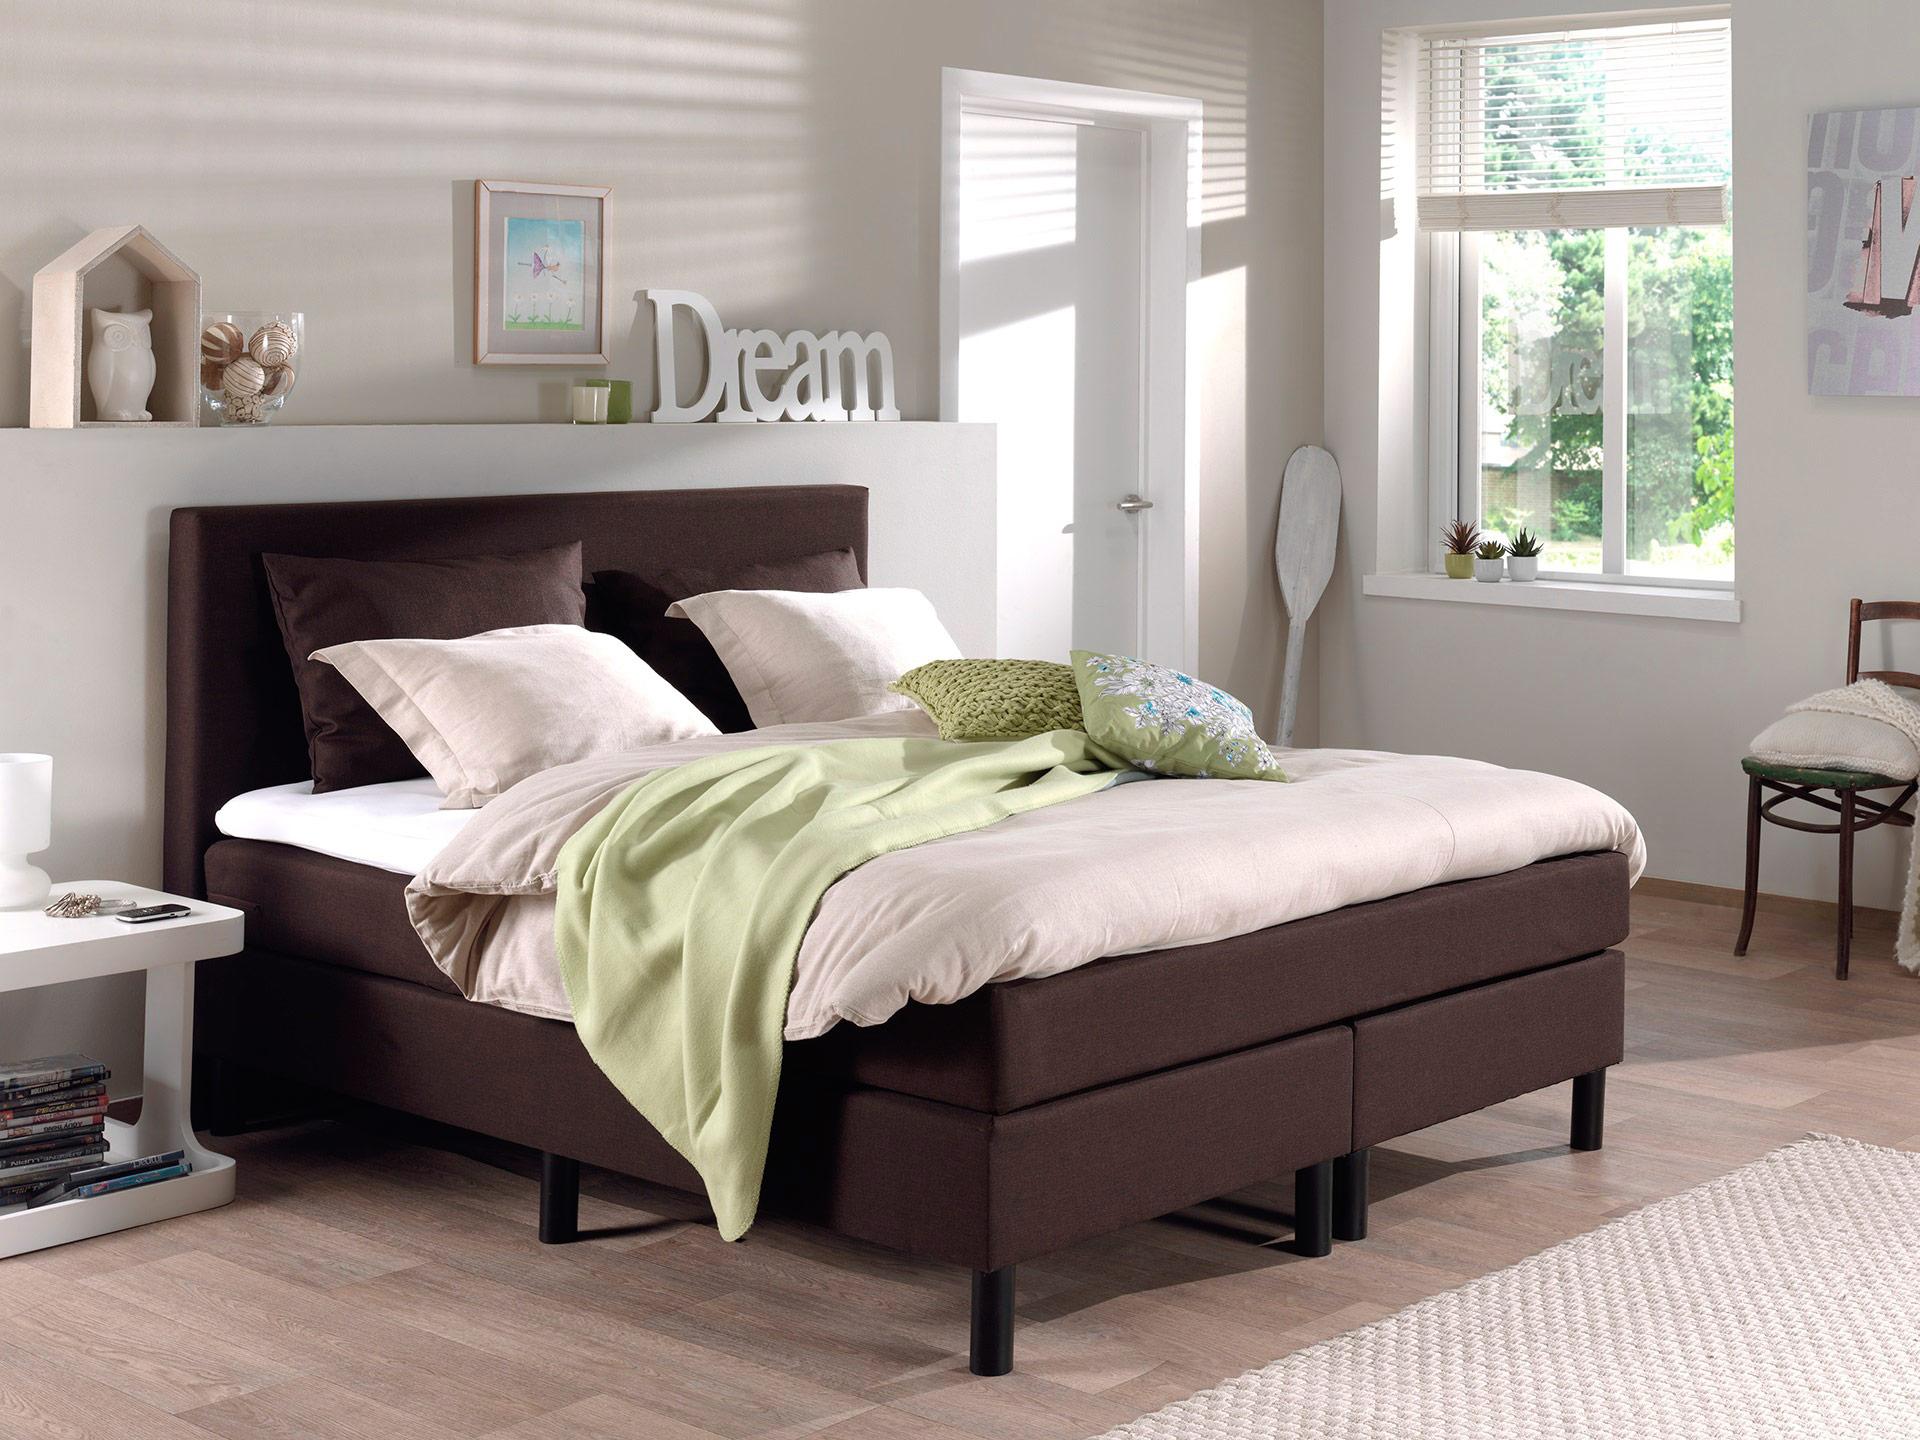 le must literie le boxspring blog matelpro mobiliers pour particuliers et professionnels. Black Bedroom Furniture Sets. Home Design Ideas